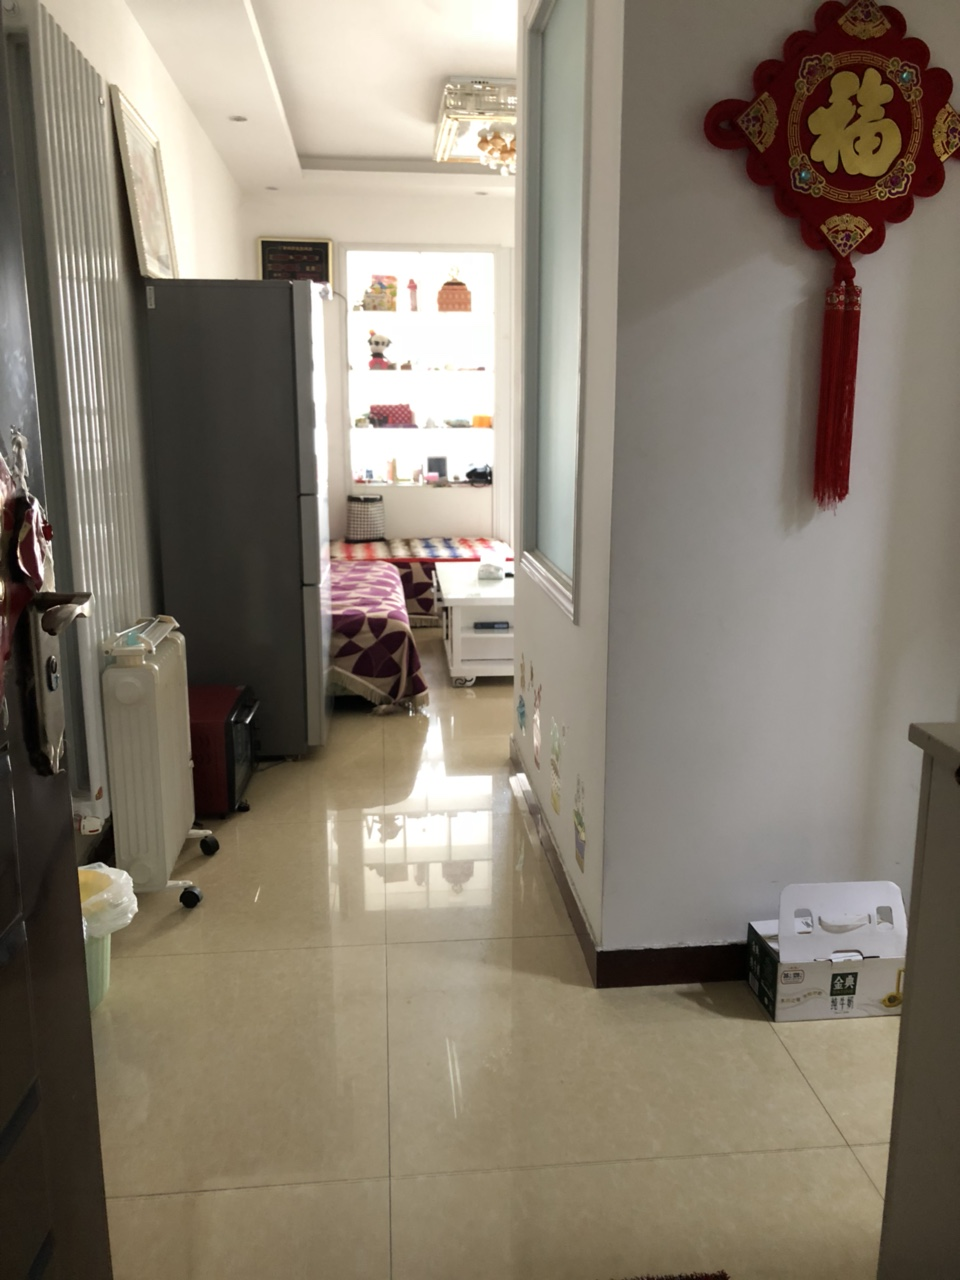 亚星江南小镇绝版2室2厅一卫精装修拎包入住50万